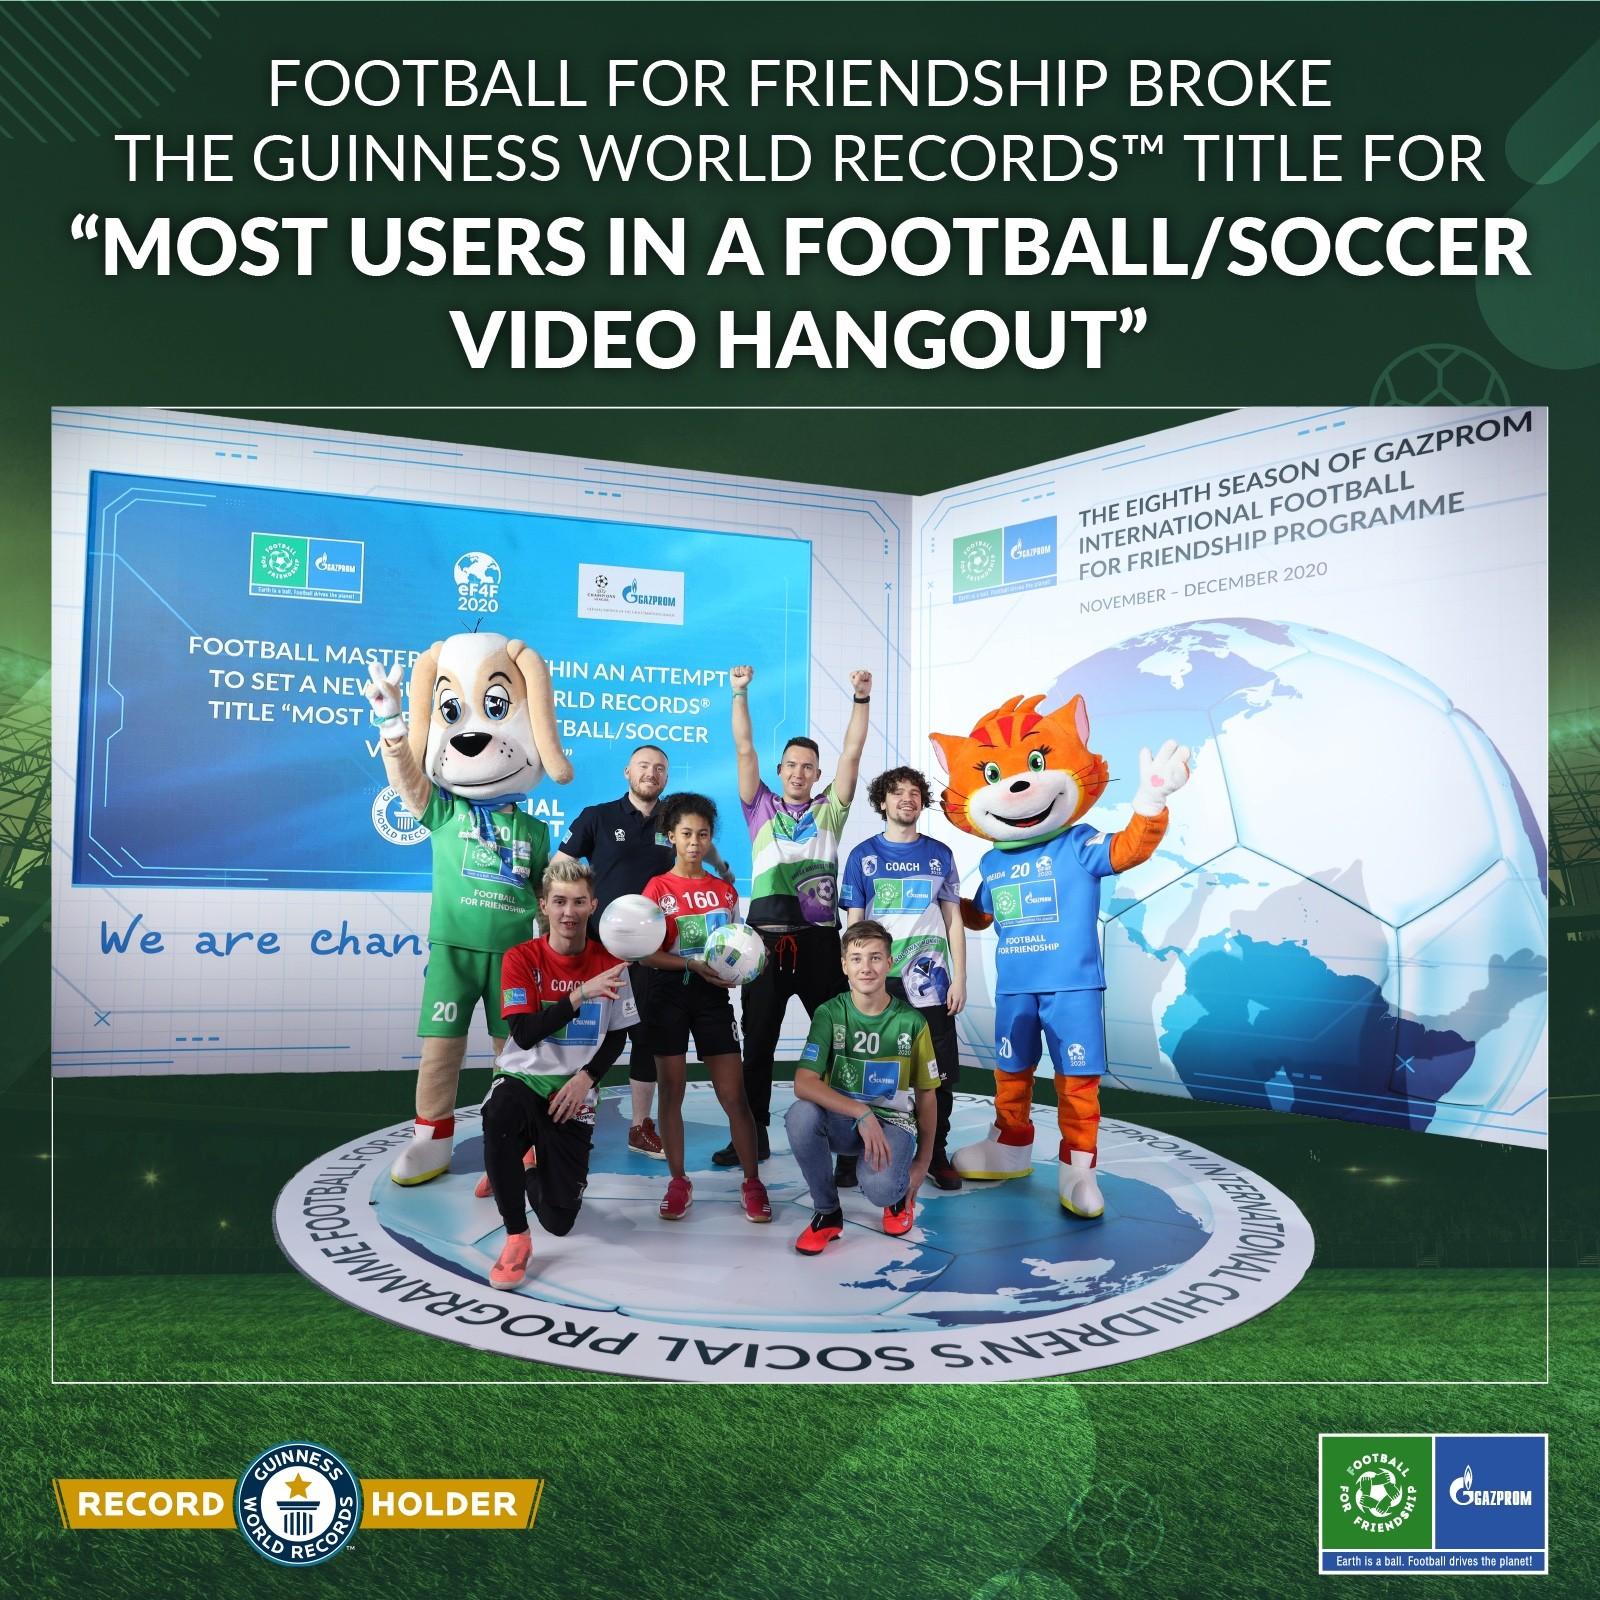 ПАО «Газпром» «Футбол для дружбы» установила мировой рекорд Гиннесса